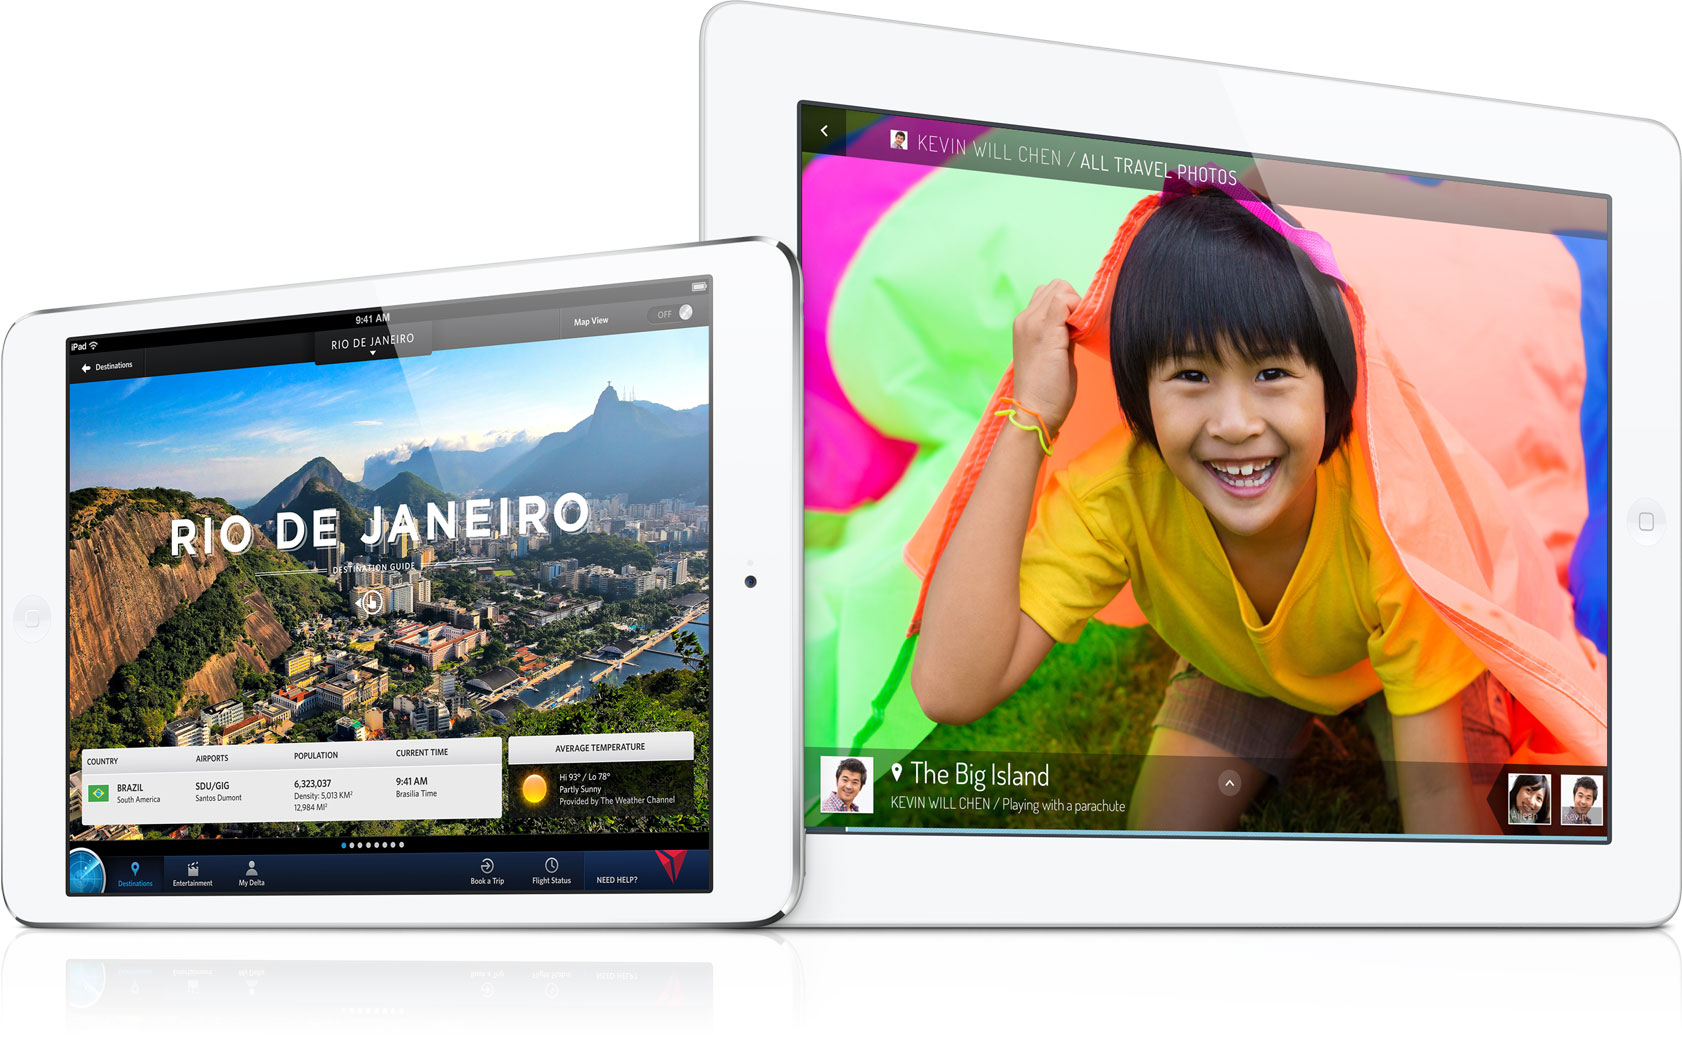 iPad divulgando o Rio de Janeiro